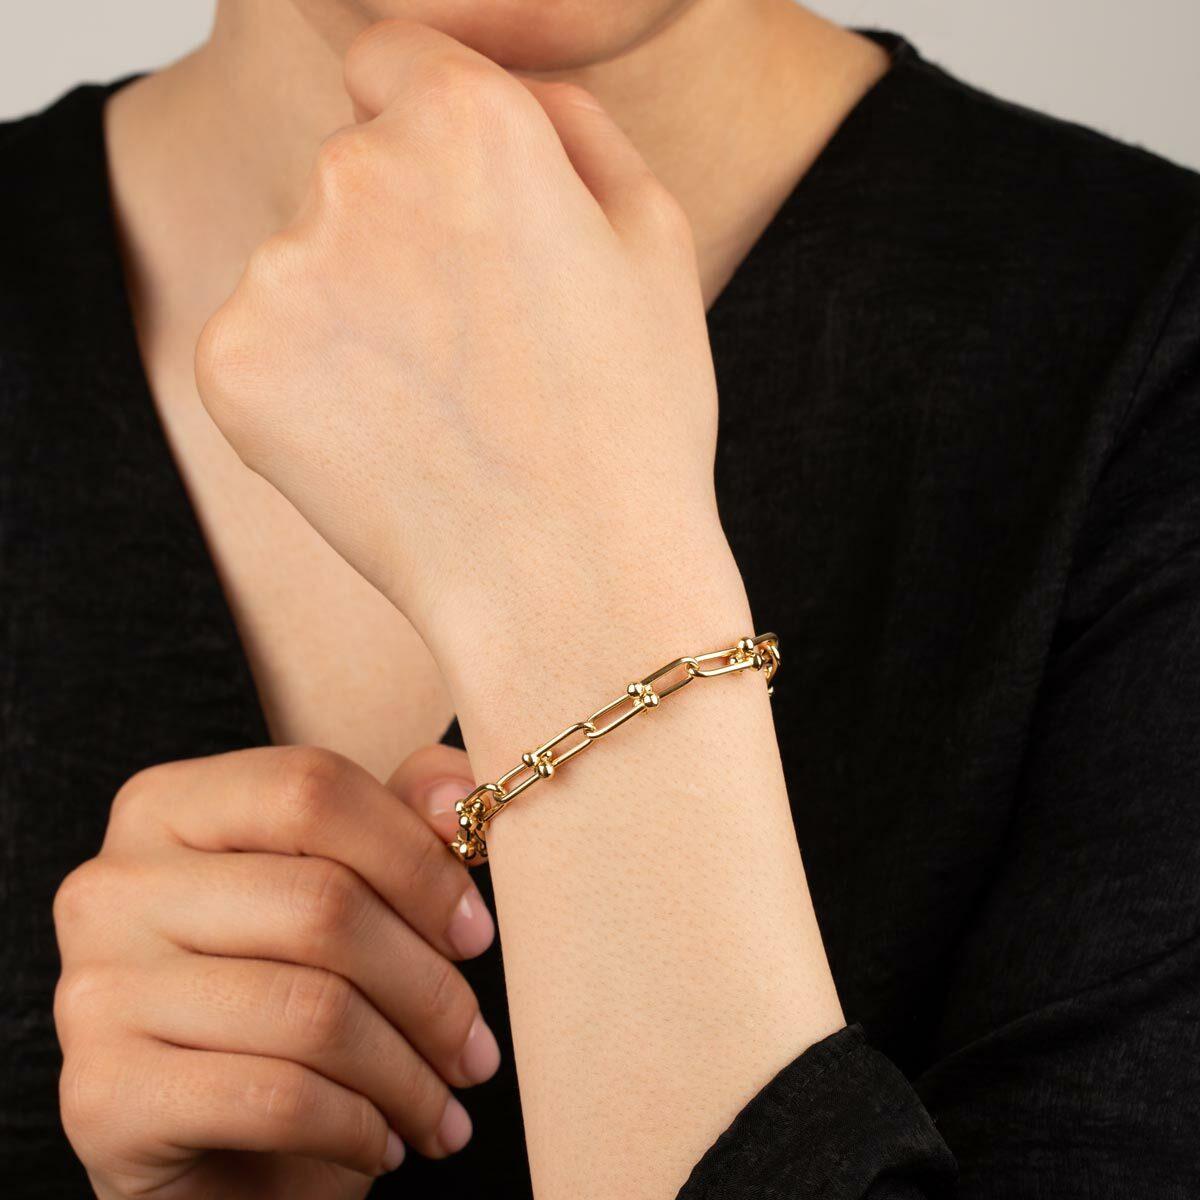 زنجیر دستبند طلا تیفانی